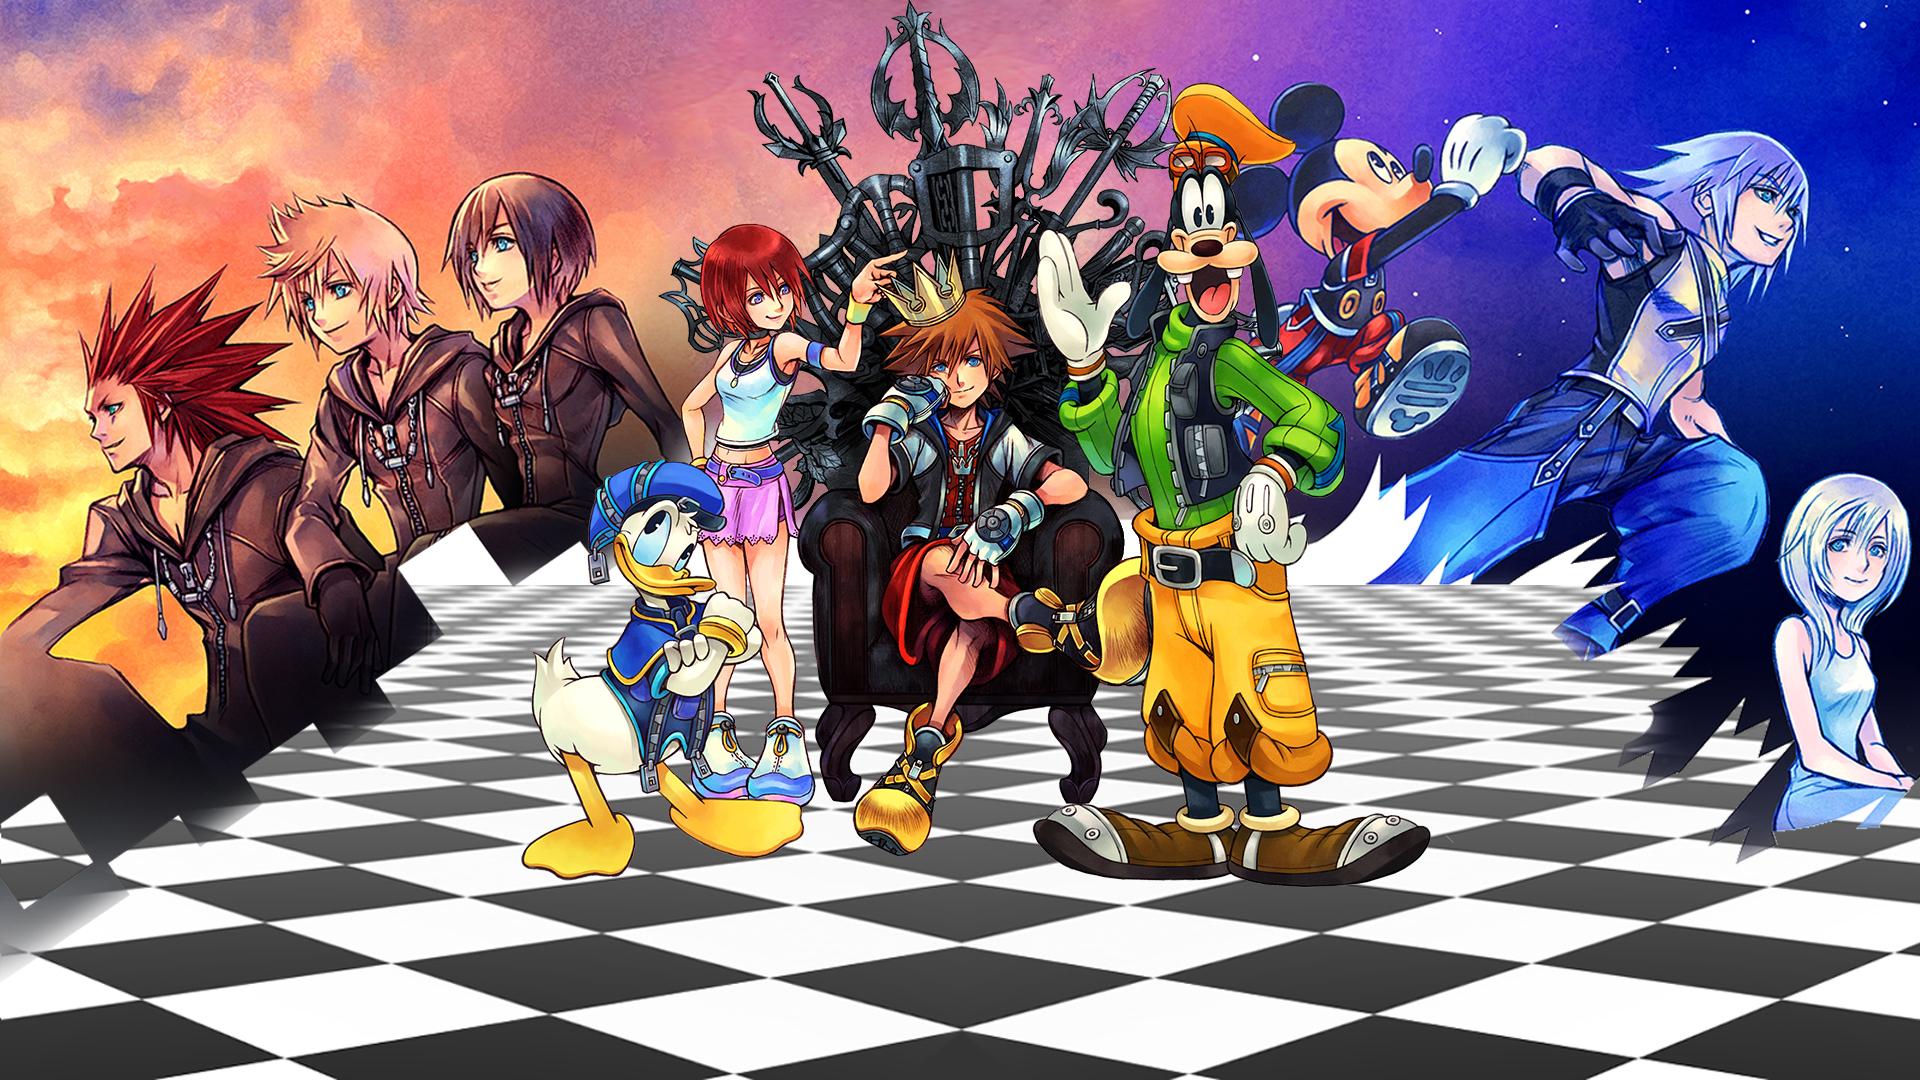 ¿Una serie animada de Kingdom Hearts? Casi, pero no